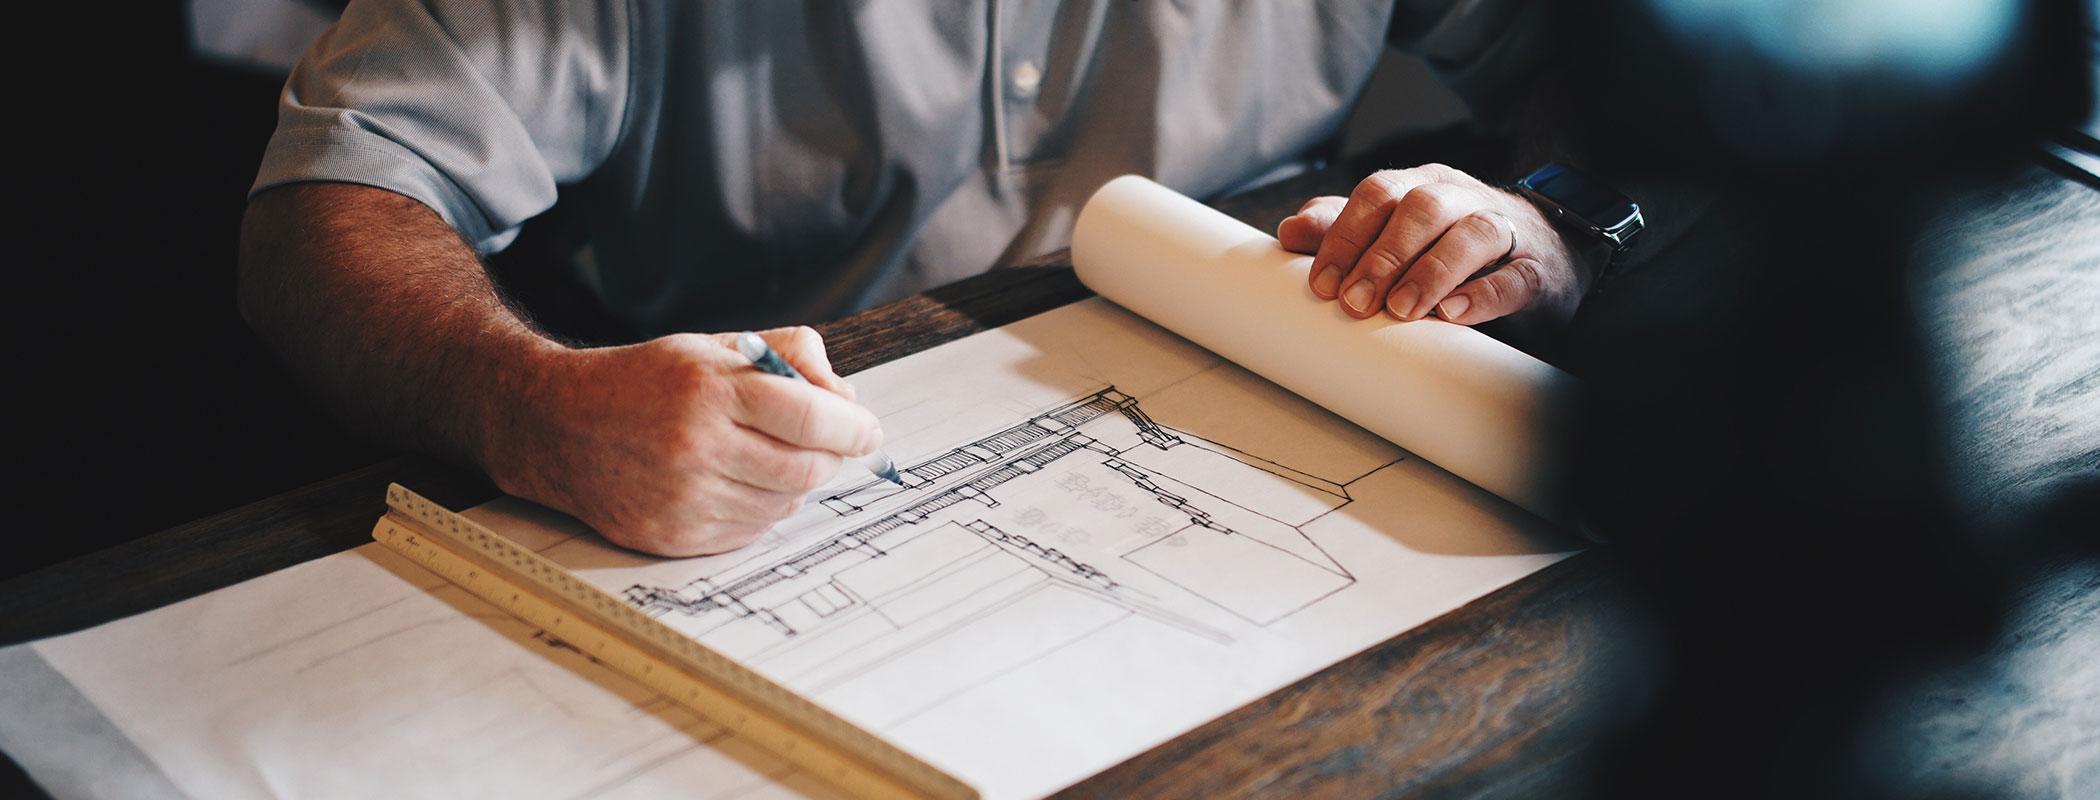 Webdesign Bern - WebBern.com